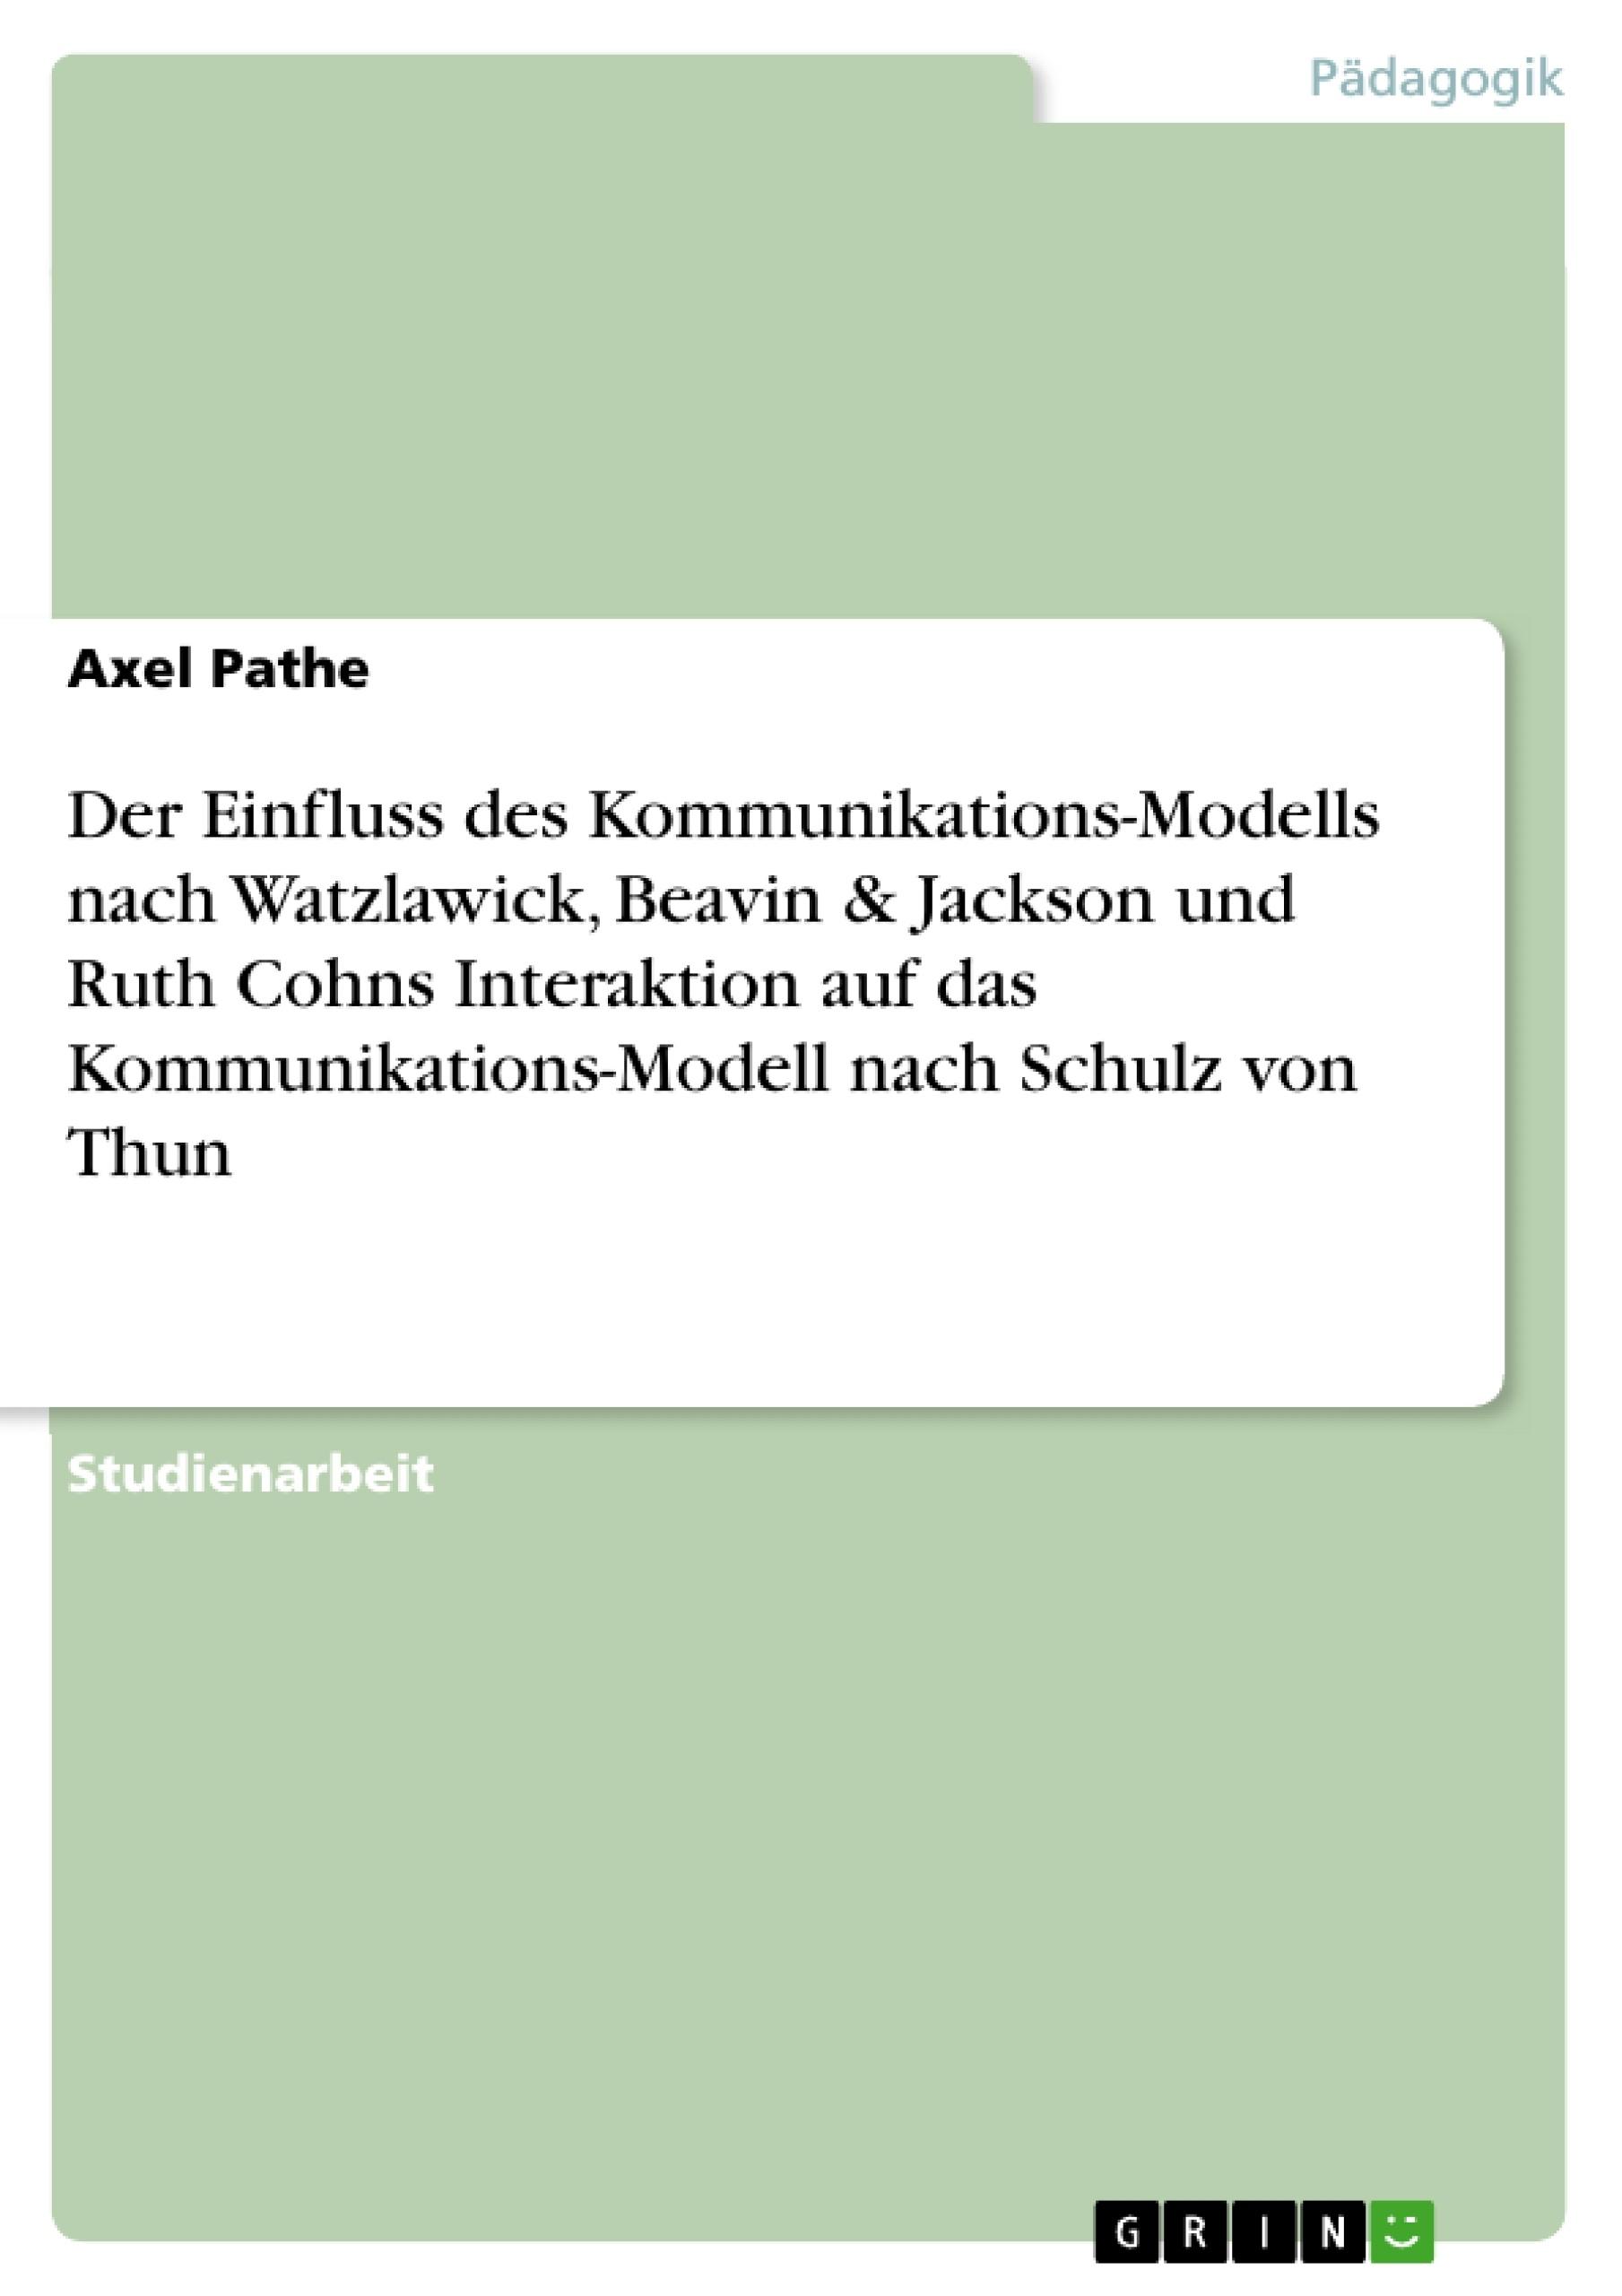 Titel: Der Einfluss des Kommunikations-Modells nach Watzlawick, Beavin & Jackson und Ruth Cohns Interaktion auf das Kommunikations-Modell nach Schulz von Thun